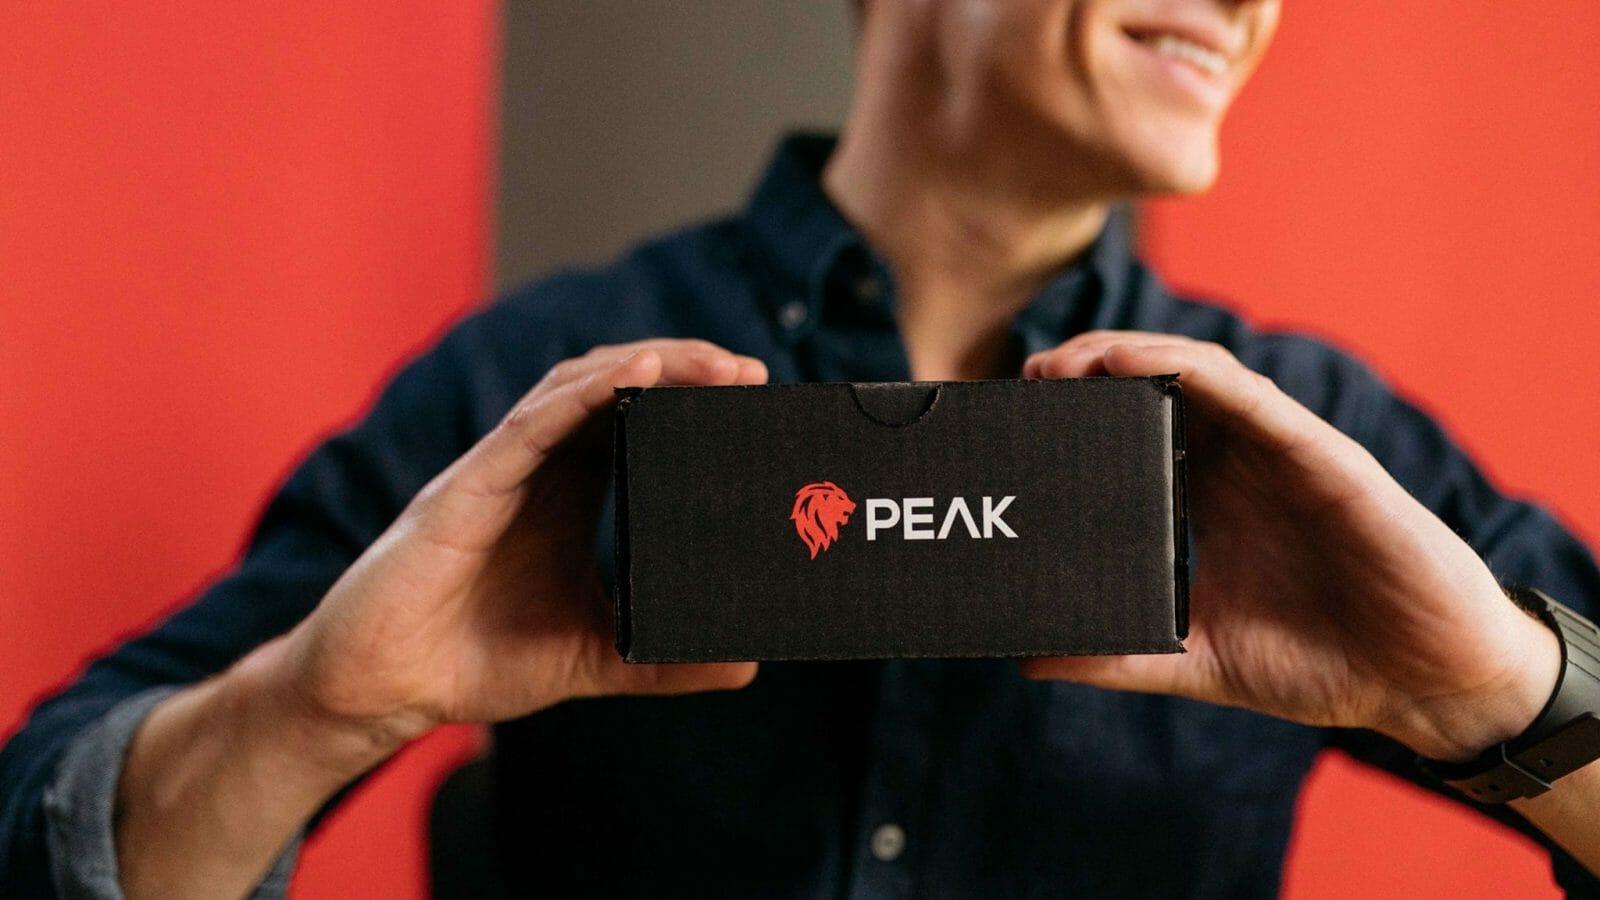 peak_for_low_t_hero_image